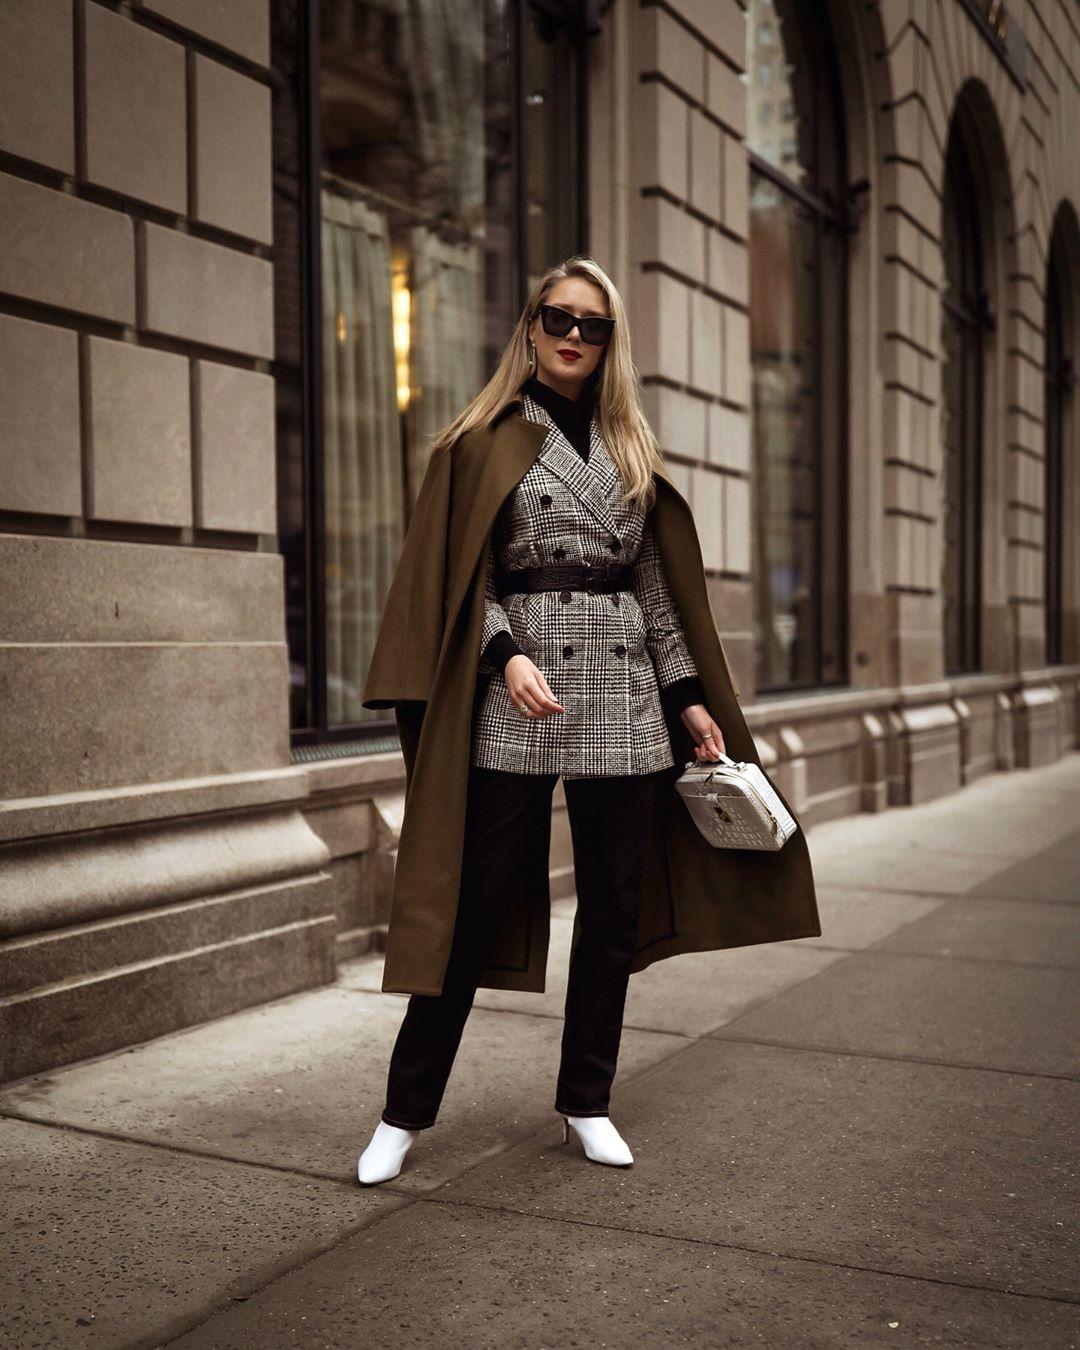 модные образы для деловых женщин осени 2019 фото 15